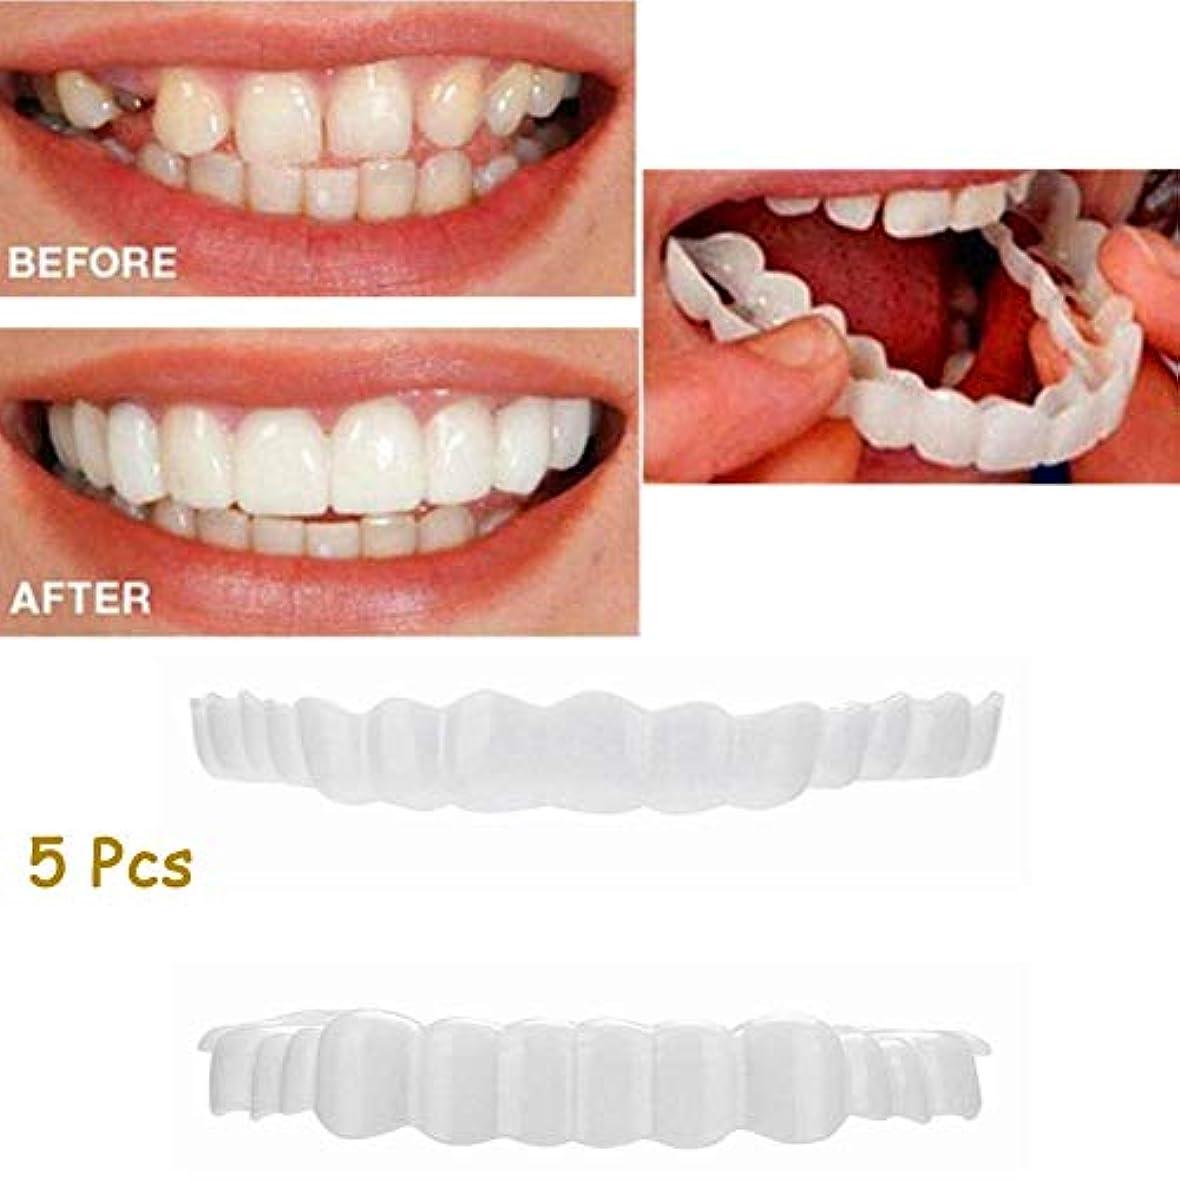 スキャンアミューズメント物理学者5本の上歯+下歯セット偽の歯を白くする完璧な化粧品の歯